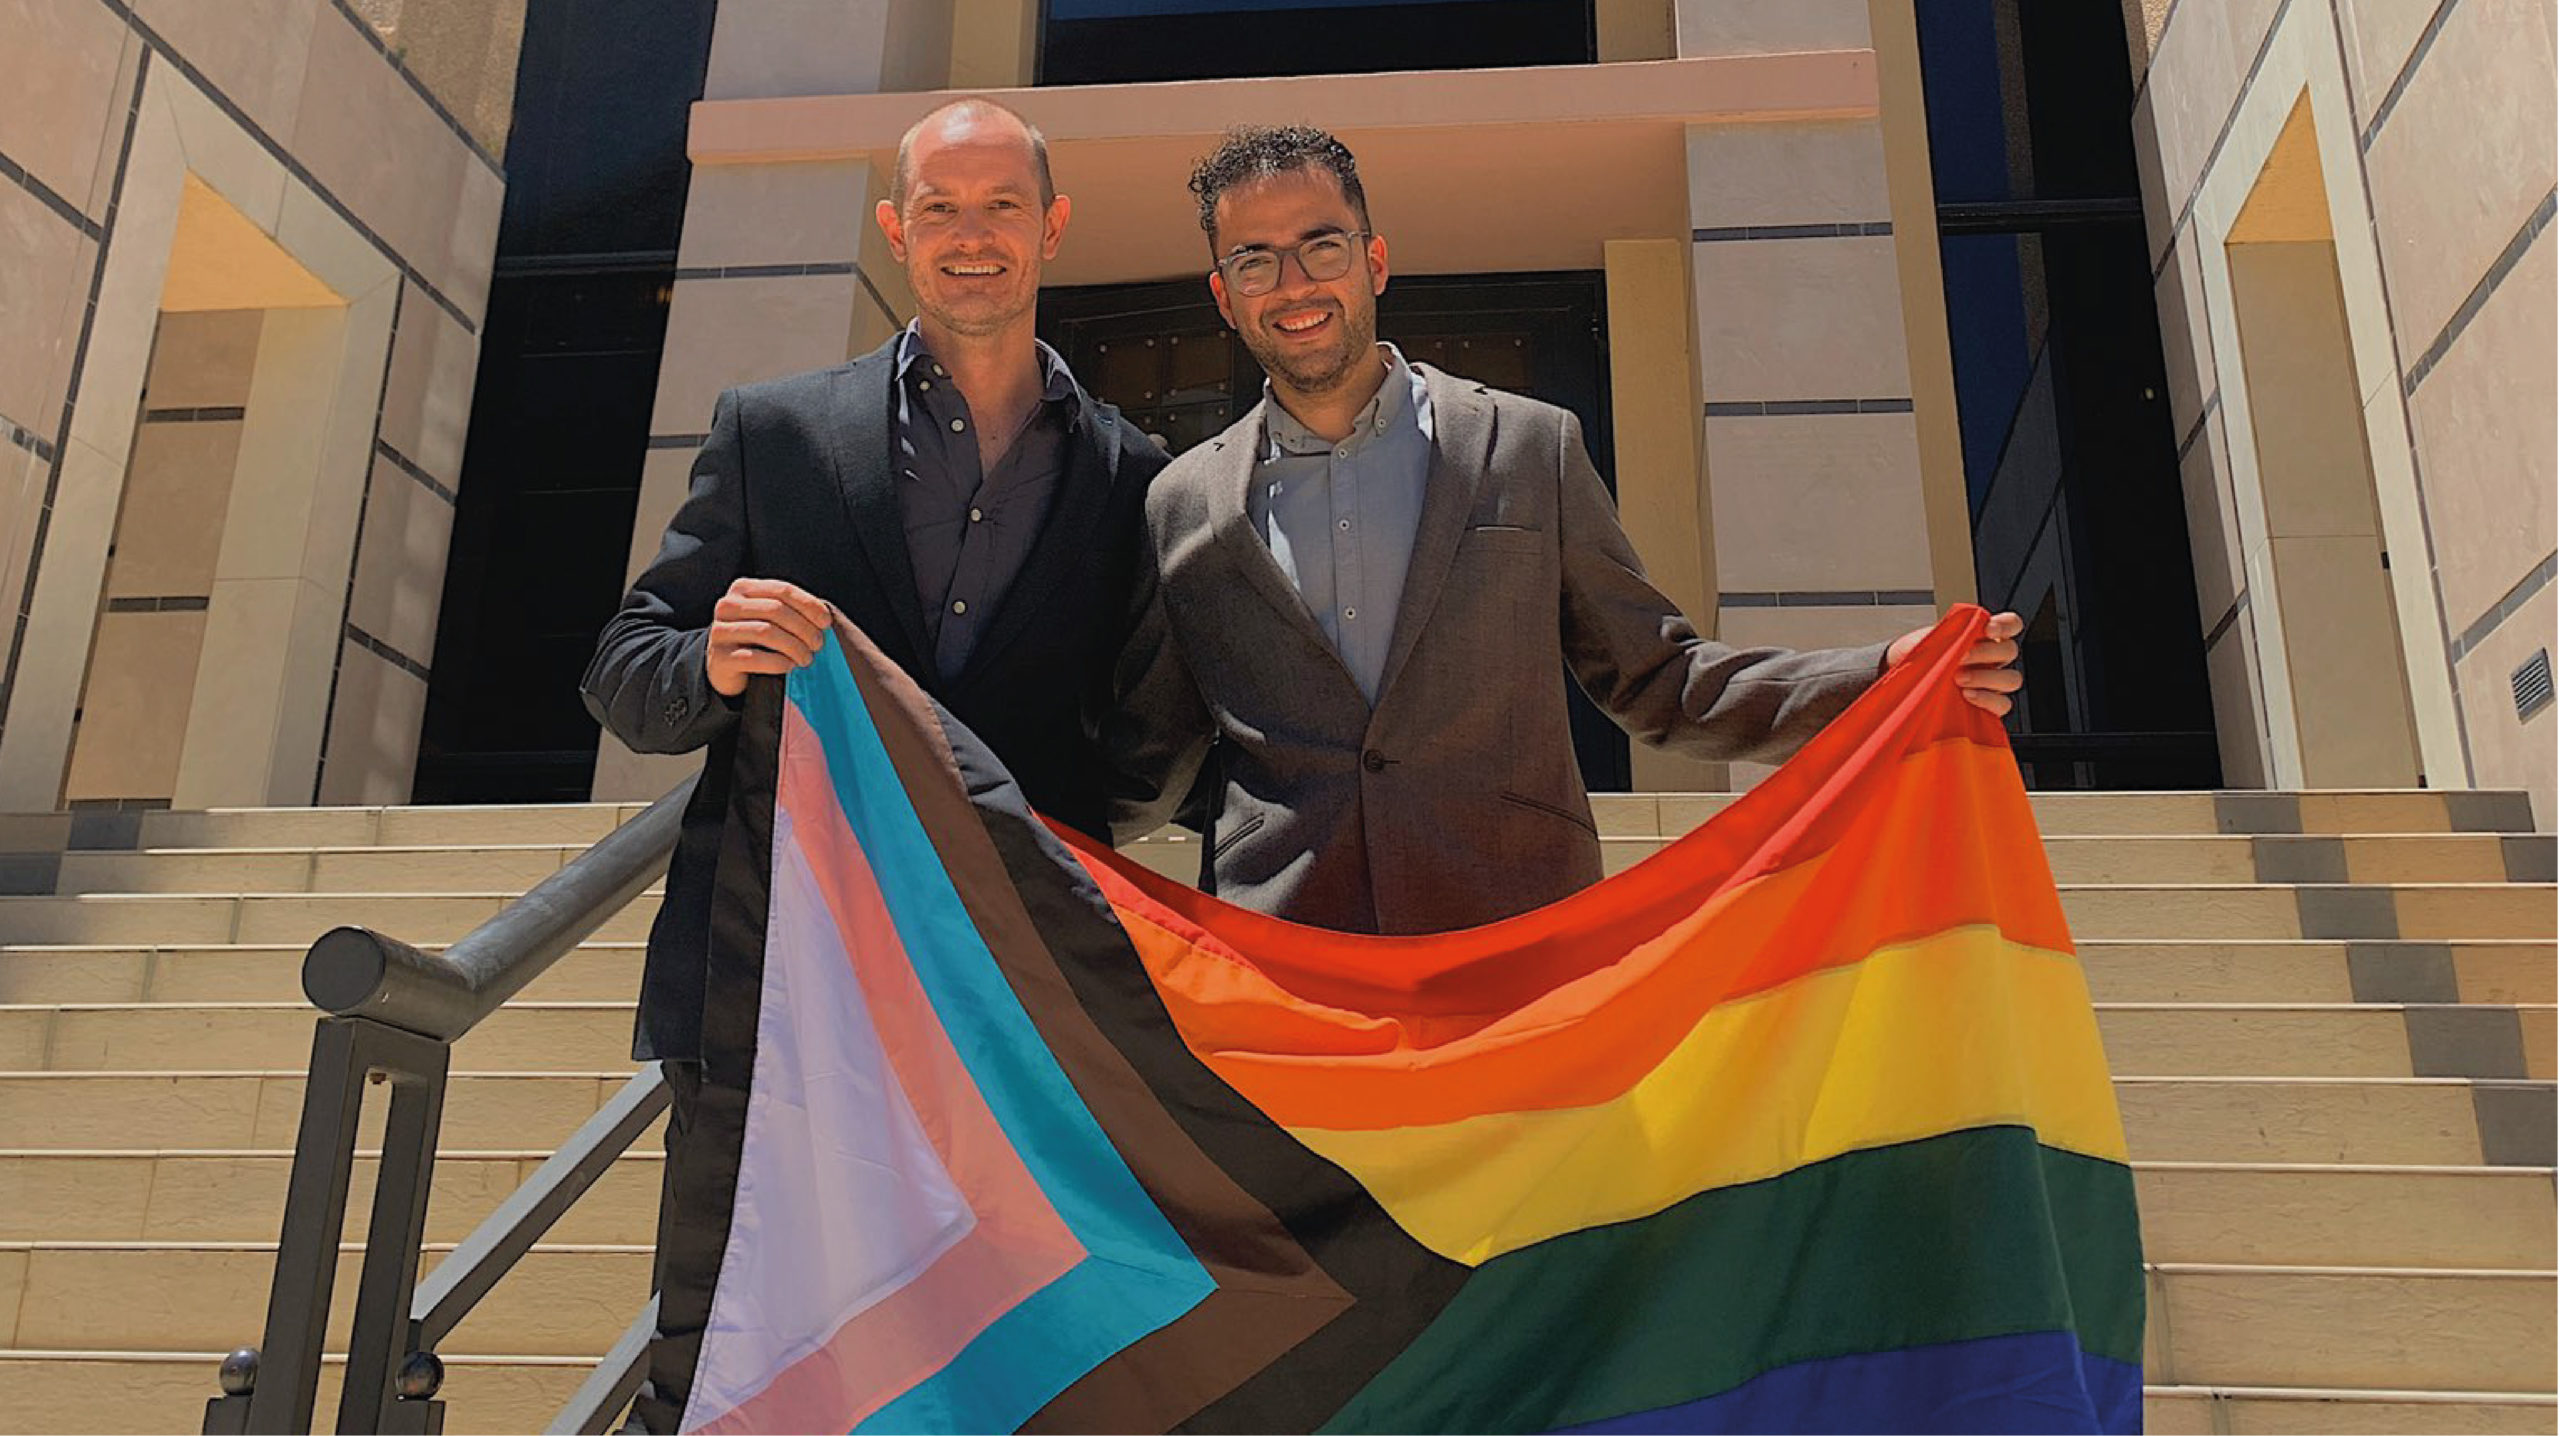 Pareja gay mexicano-namibia gana juicio por la ciudadanía de su hijo